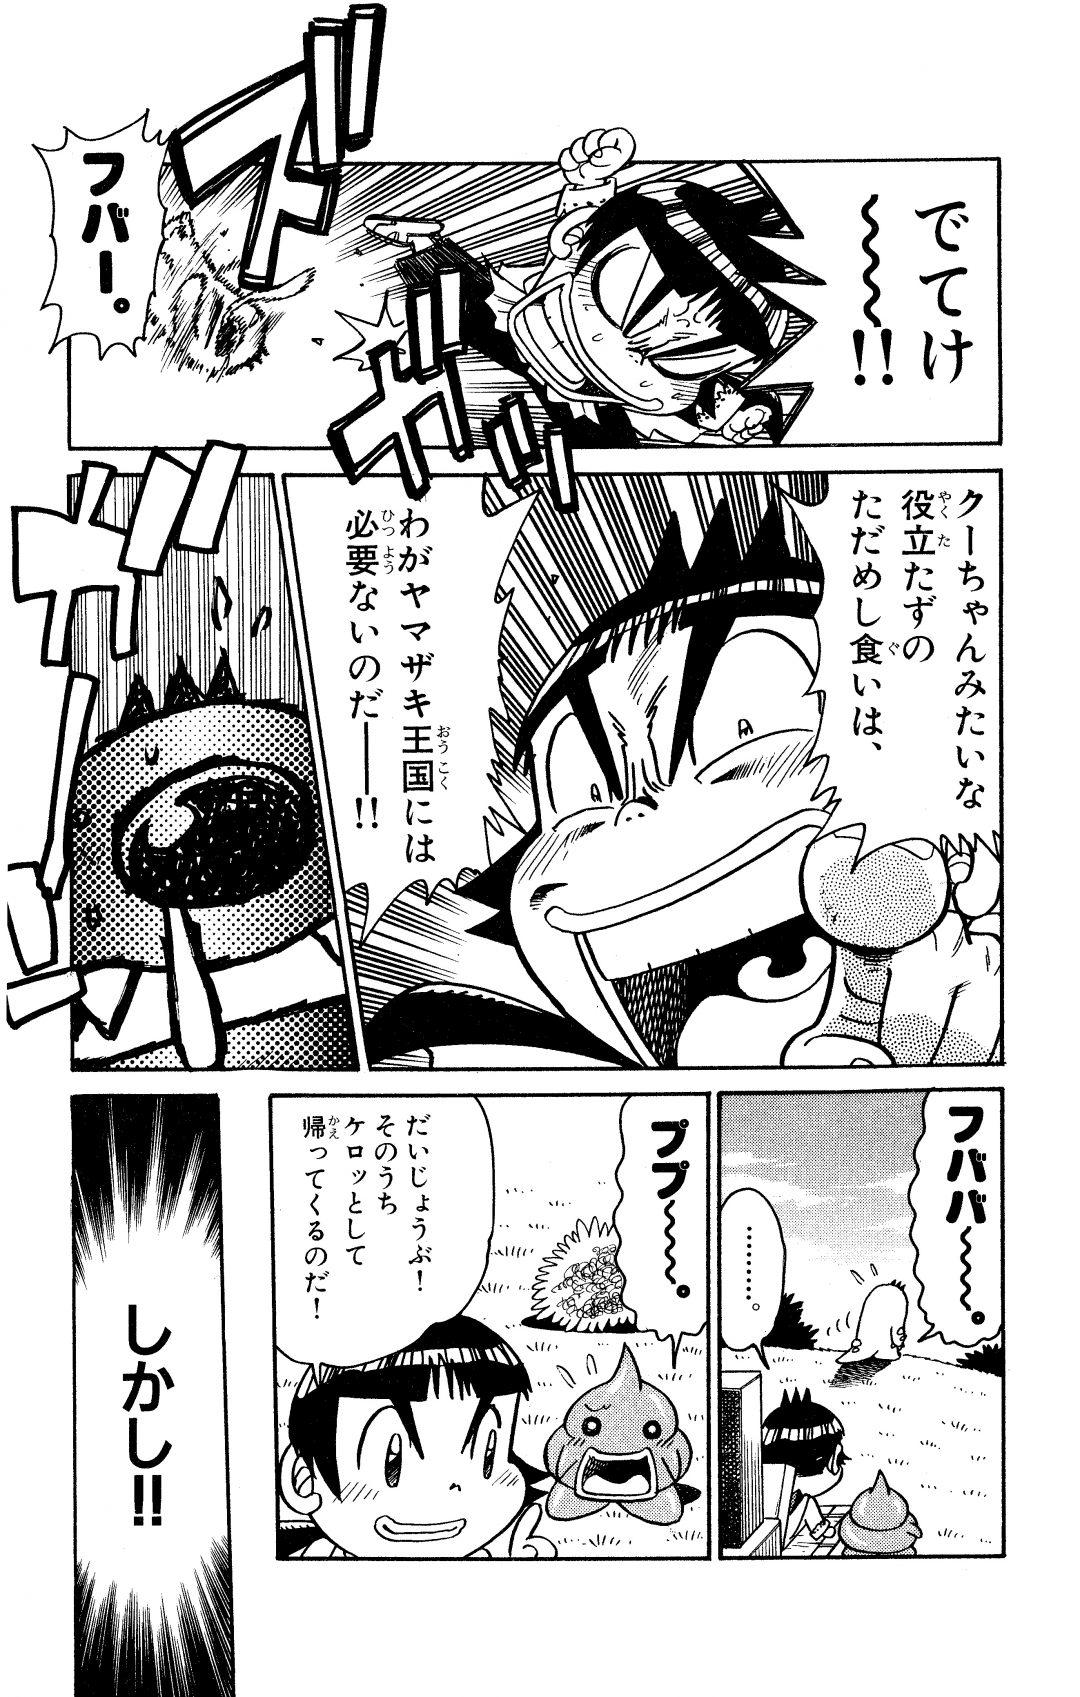 ポケットモンスター 第1話 | コロコロ ...